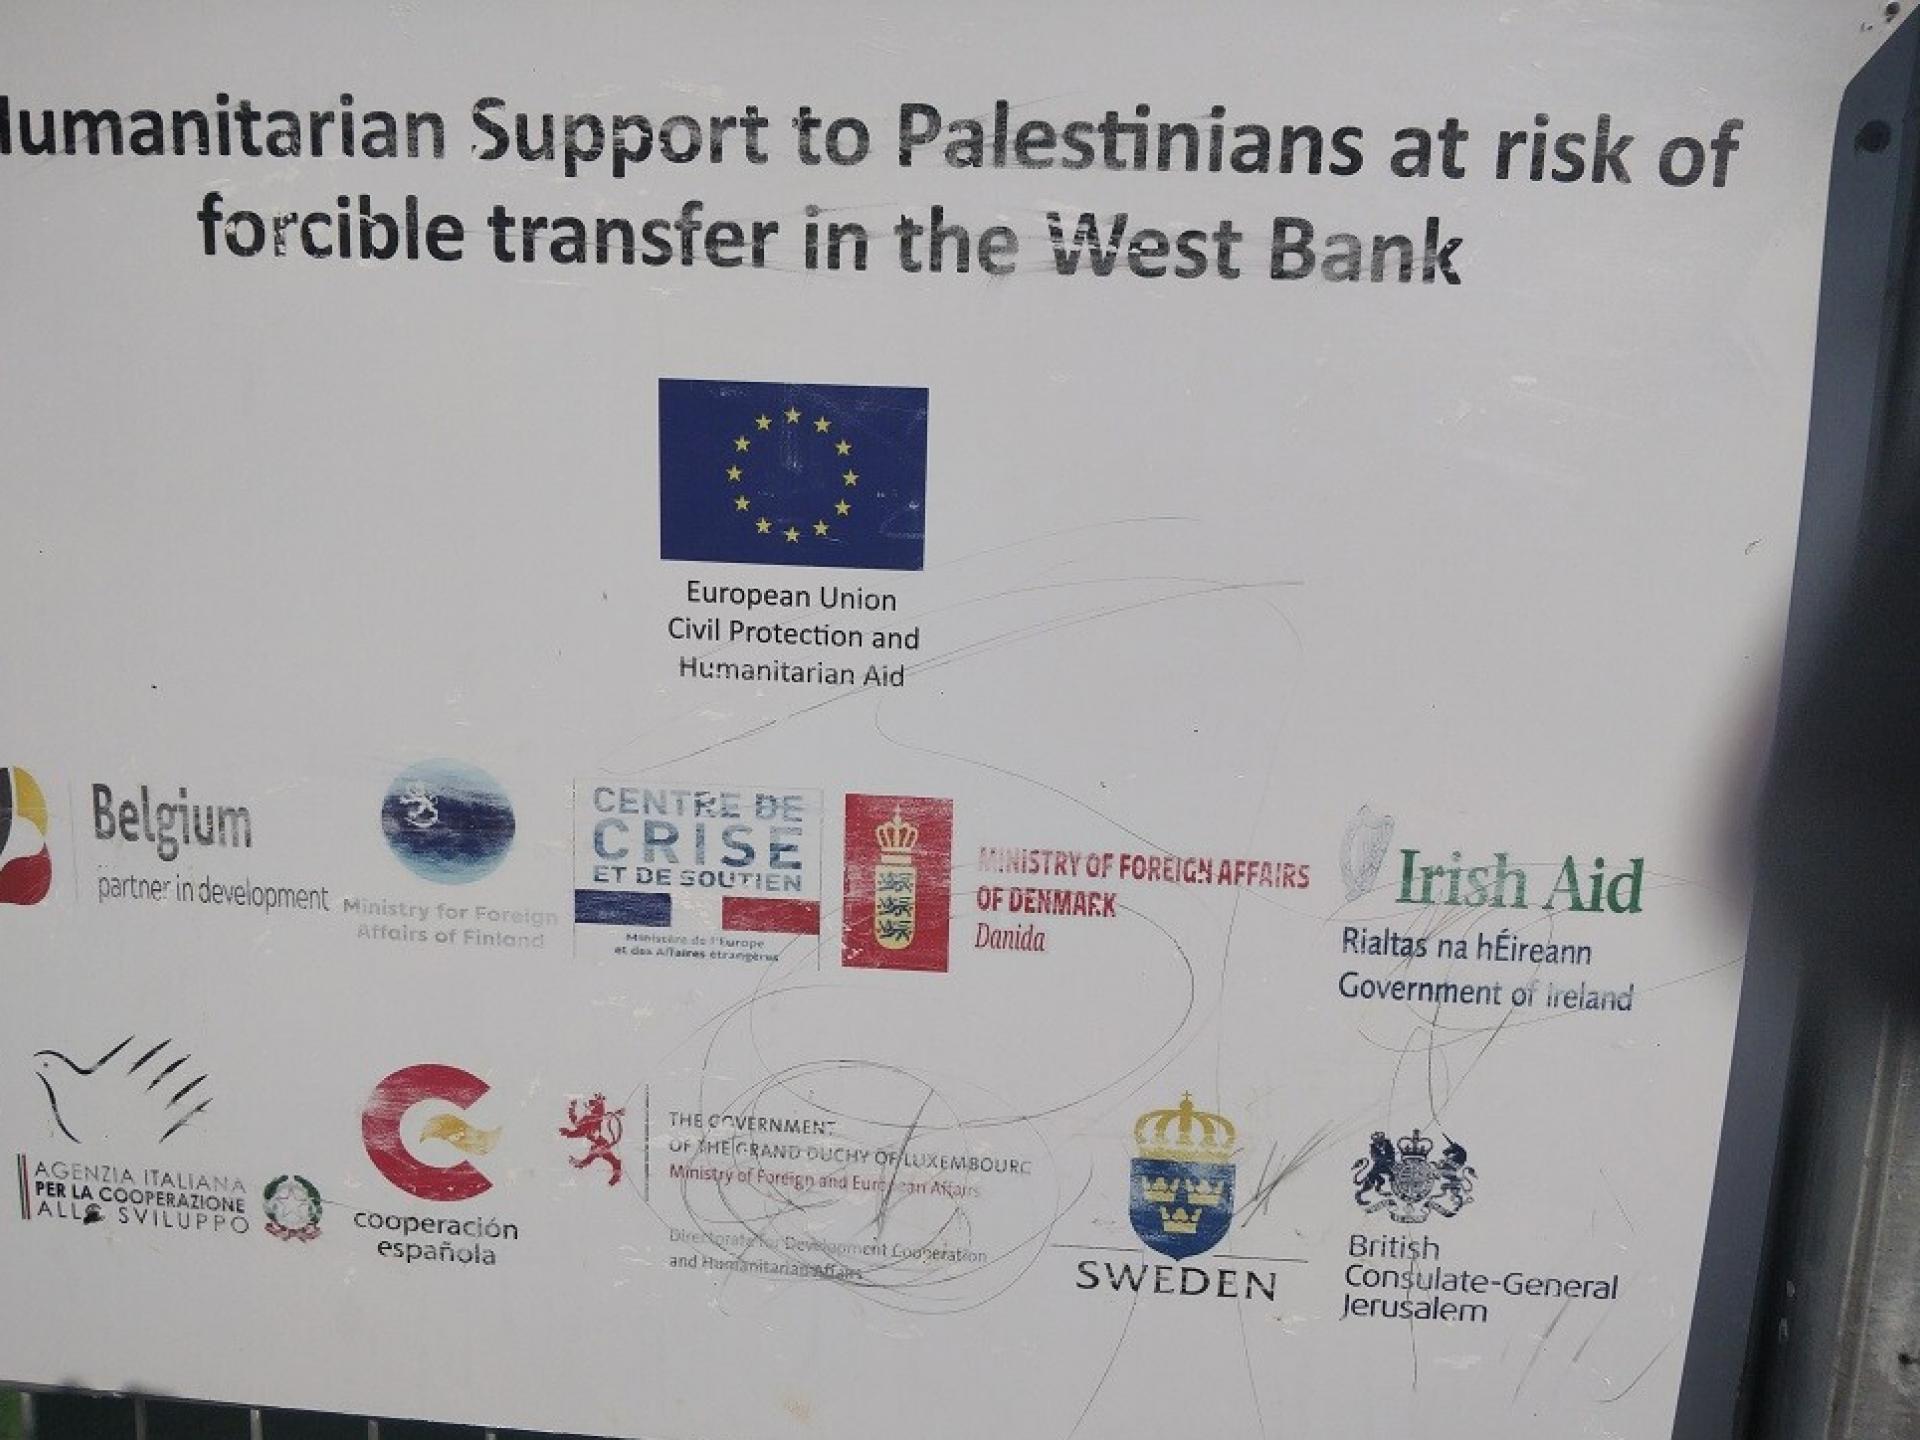 שלט ועליו רשימת התורמים האירופאים לבית הספר באל מליח